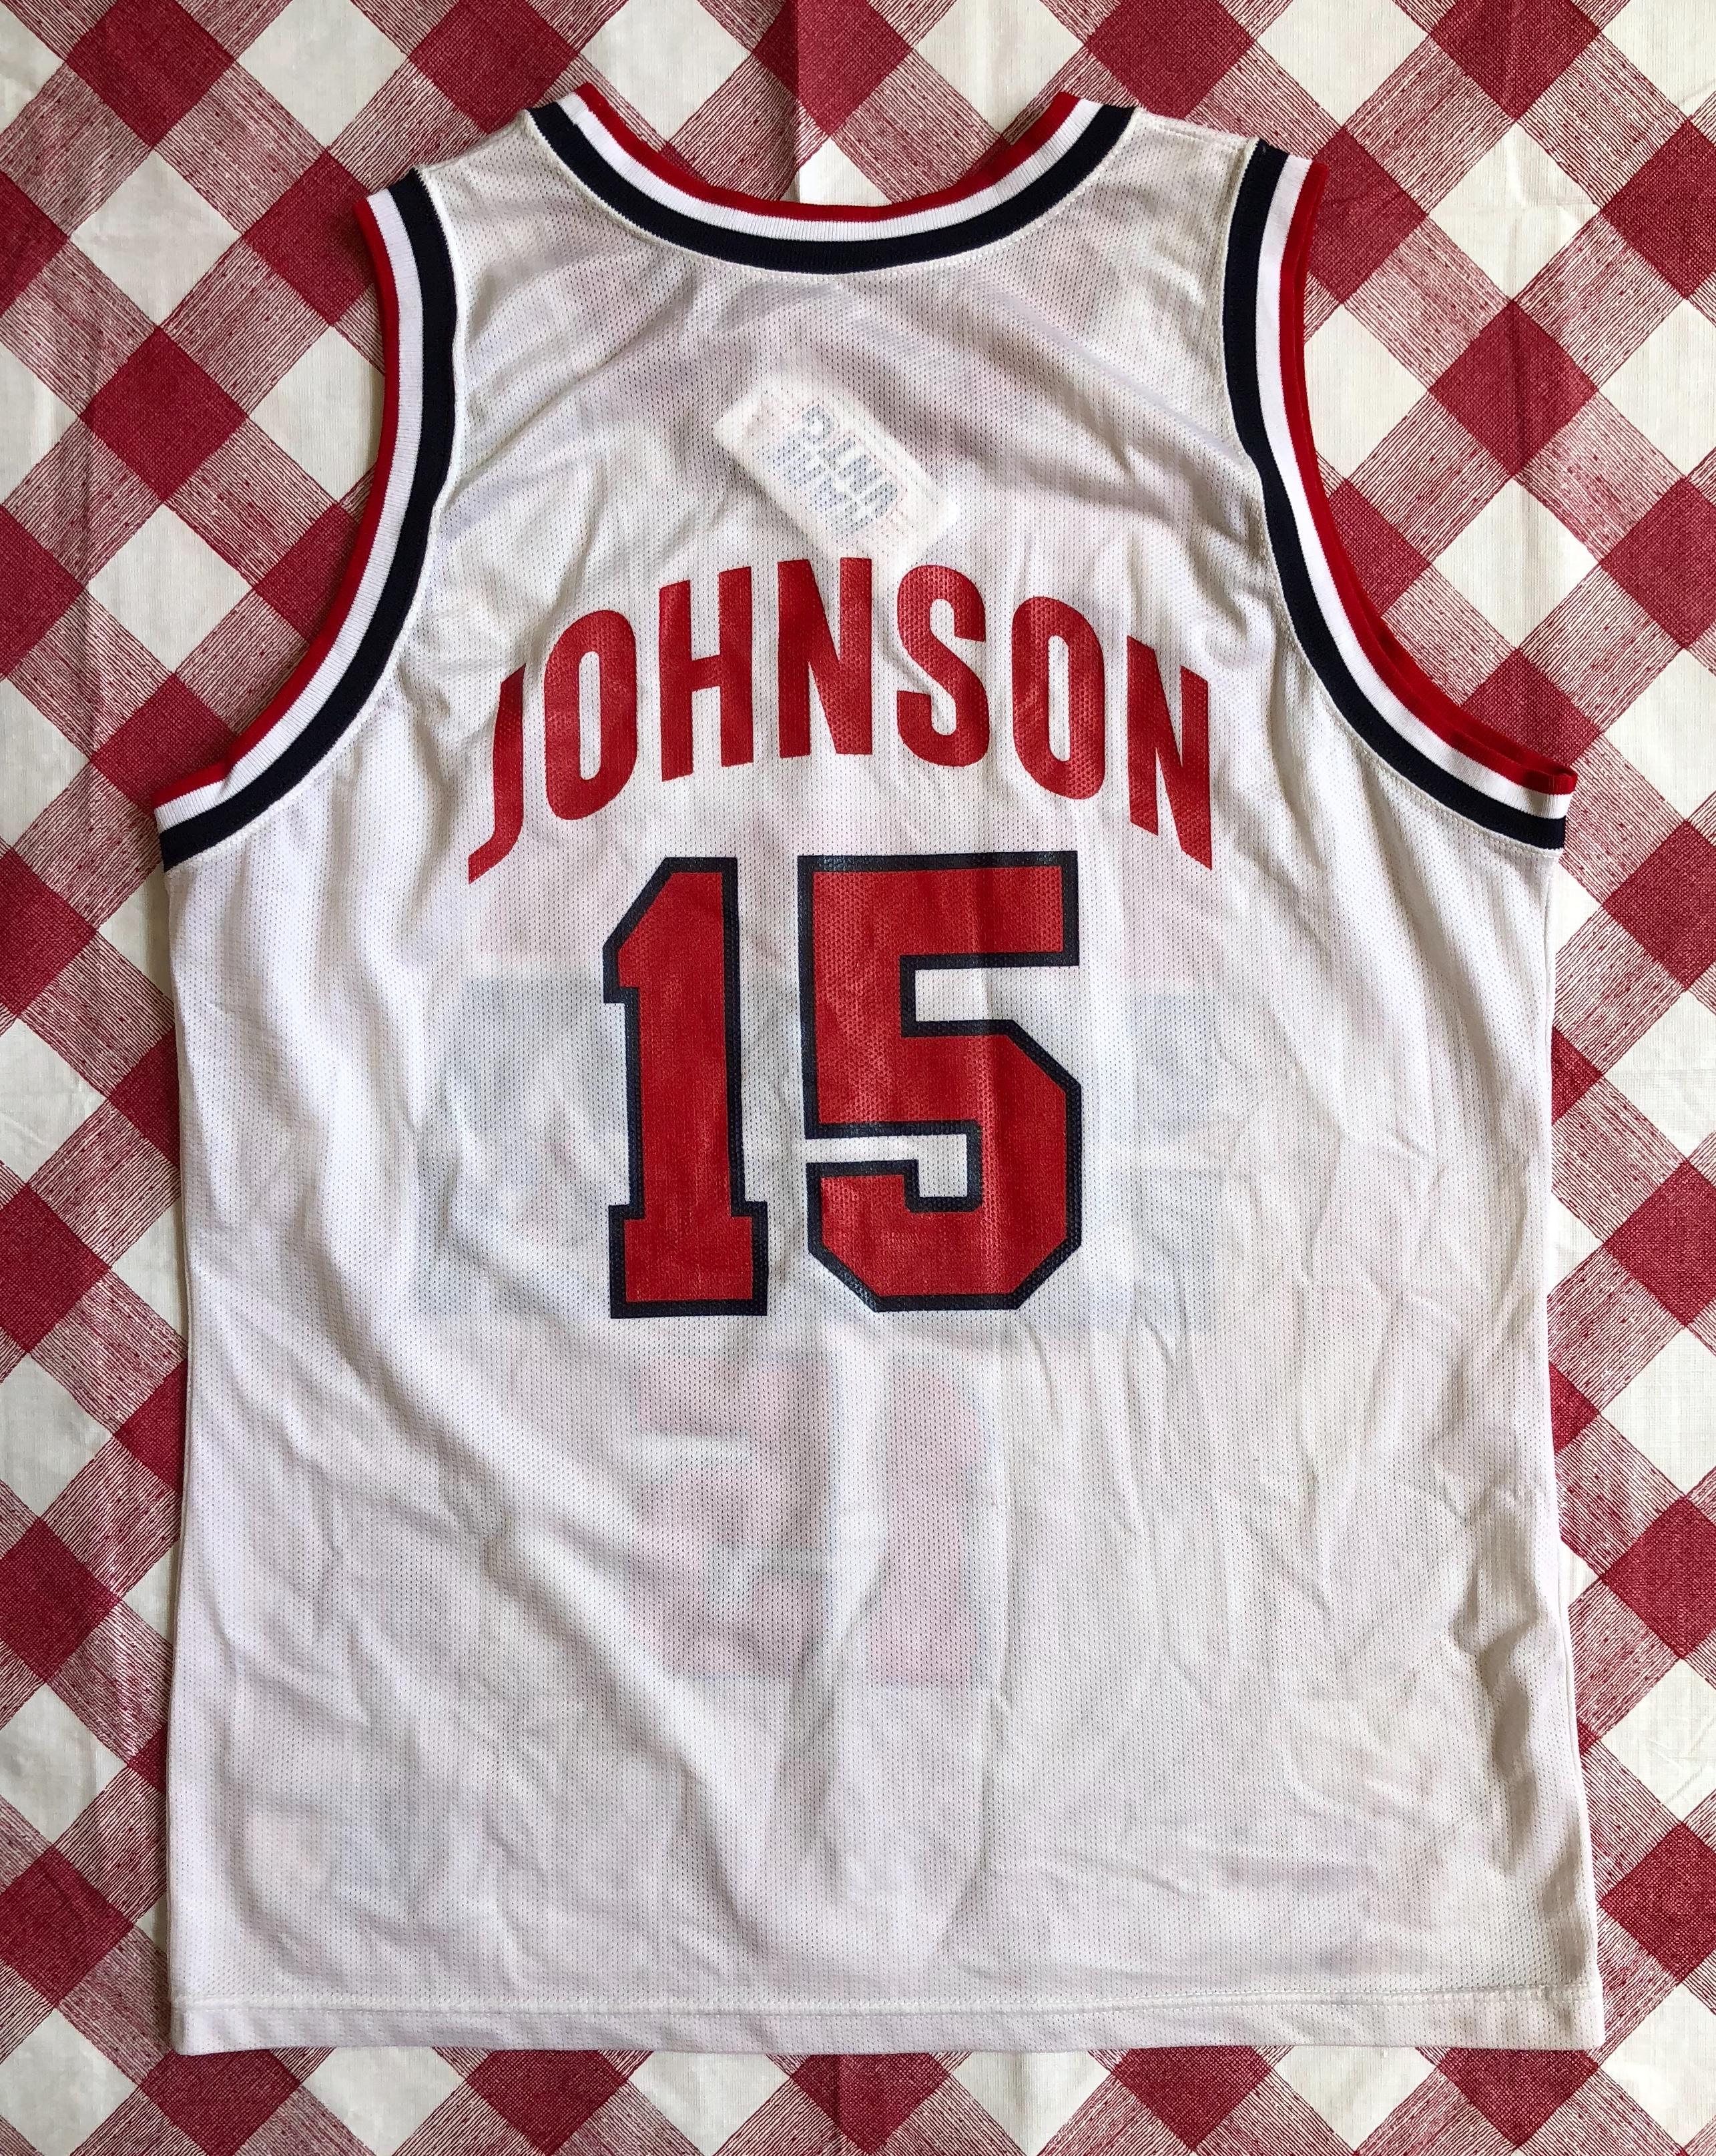 e87e4923 1992 Magic Johnson Team USA Dream Team Champion Jersey Size 44.  7F250A6B-D1CC-42D5-ACB3-7210B1EEBDAB